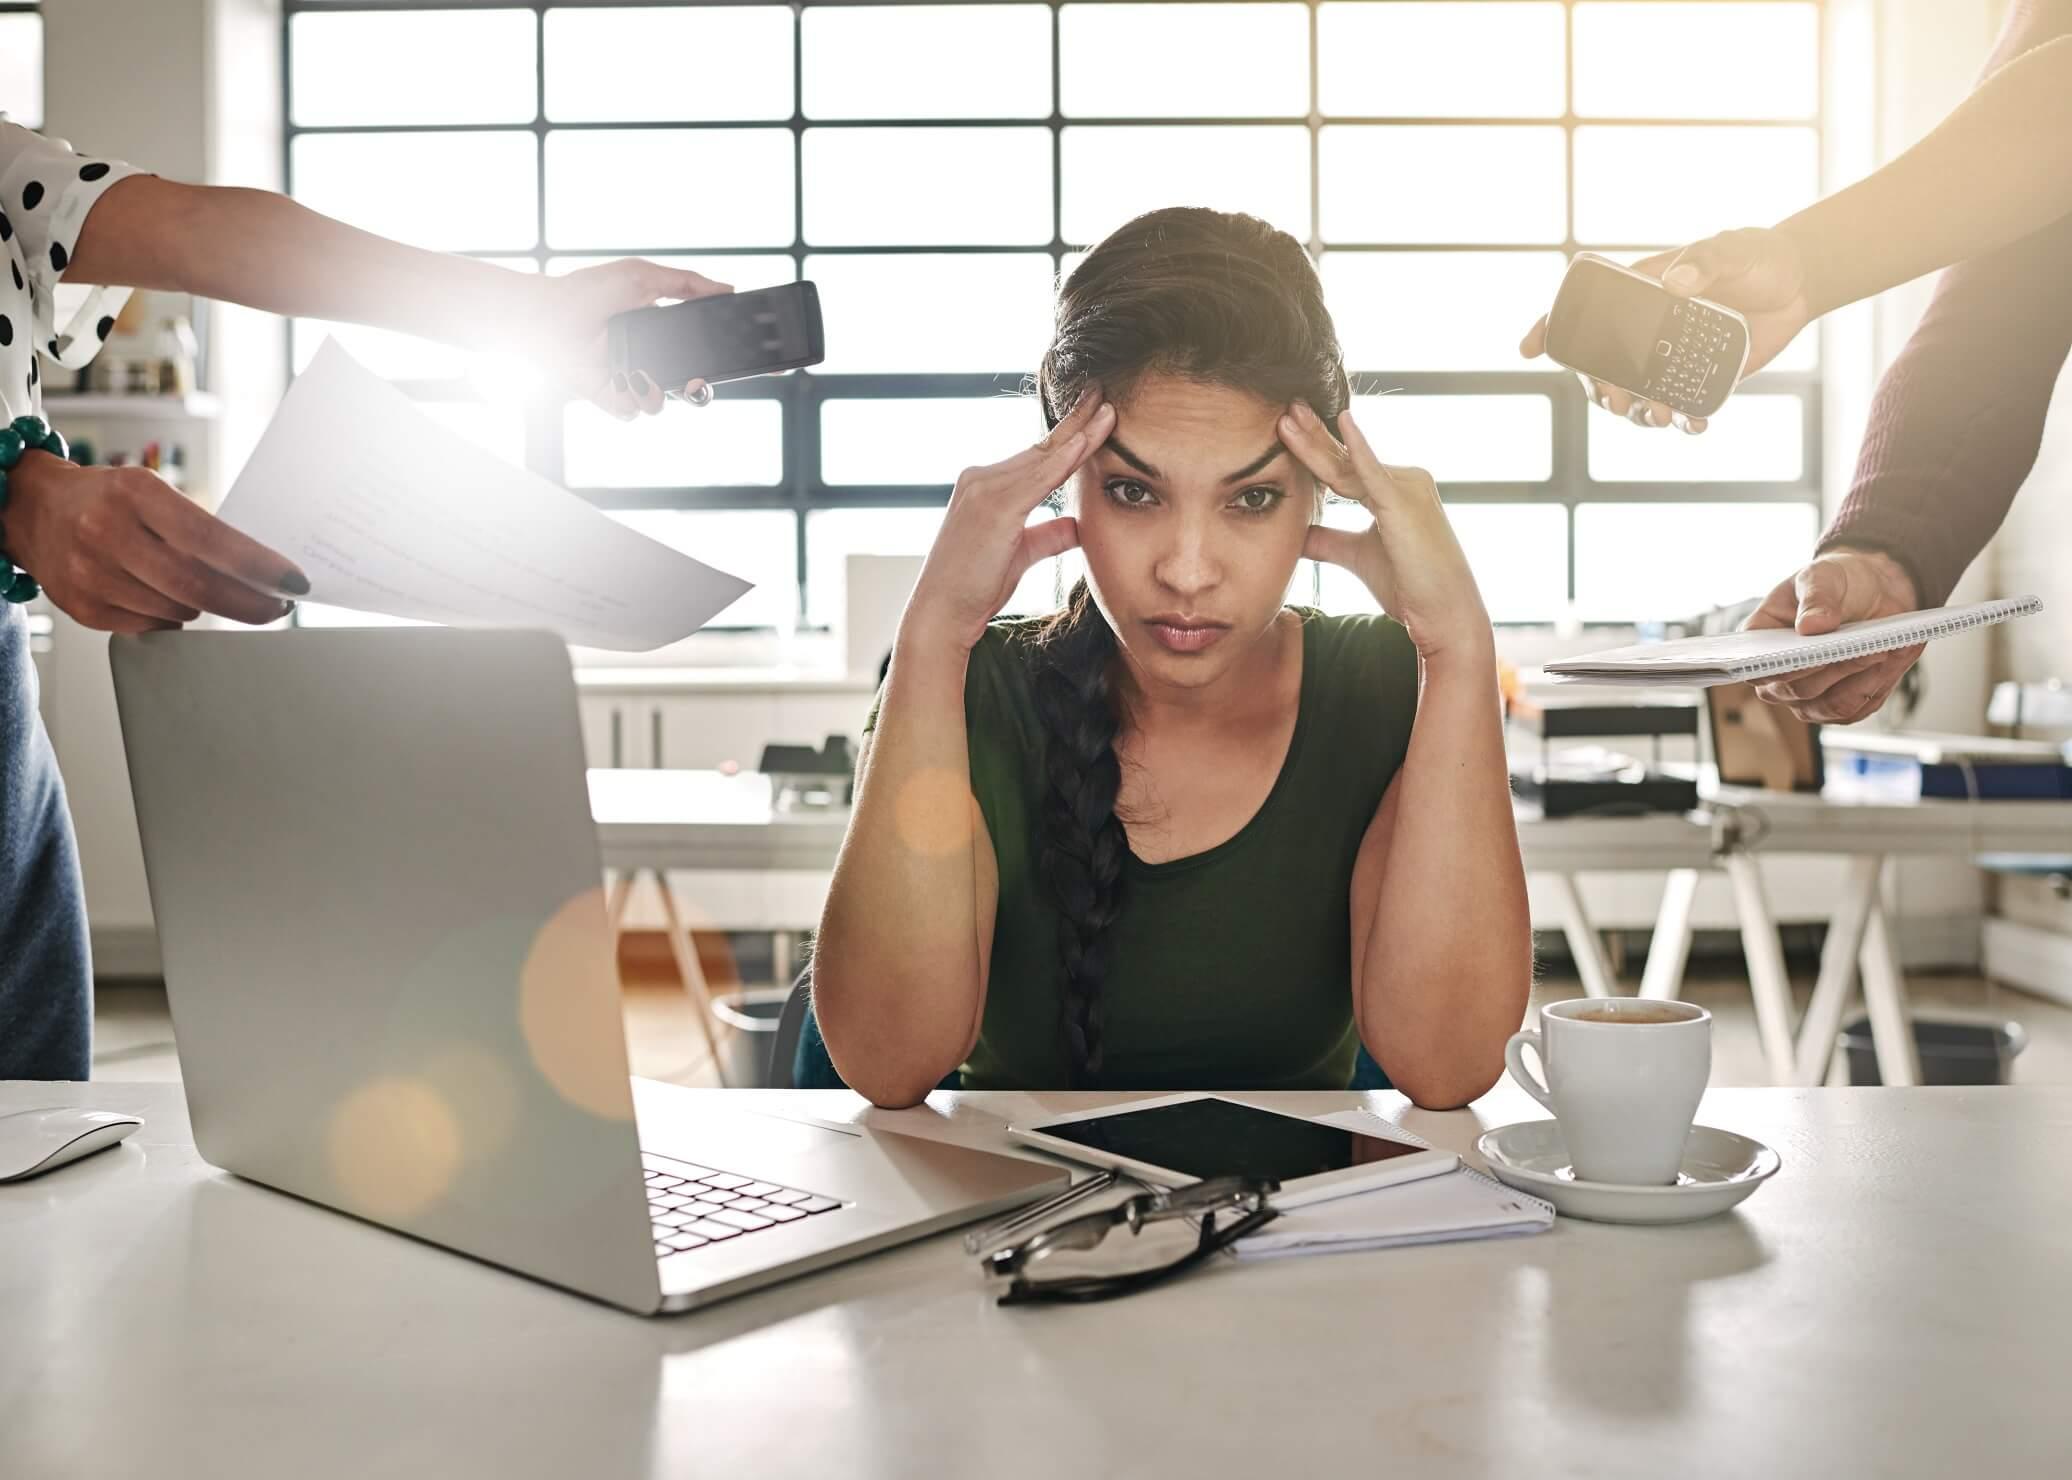 3 straightforward ways to avoid work overload